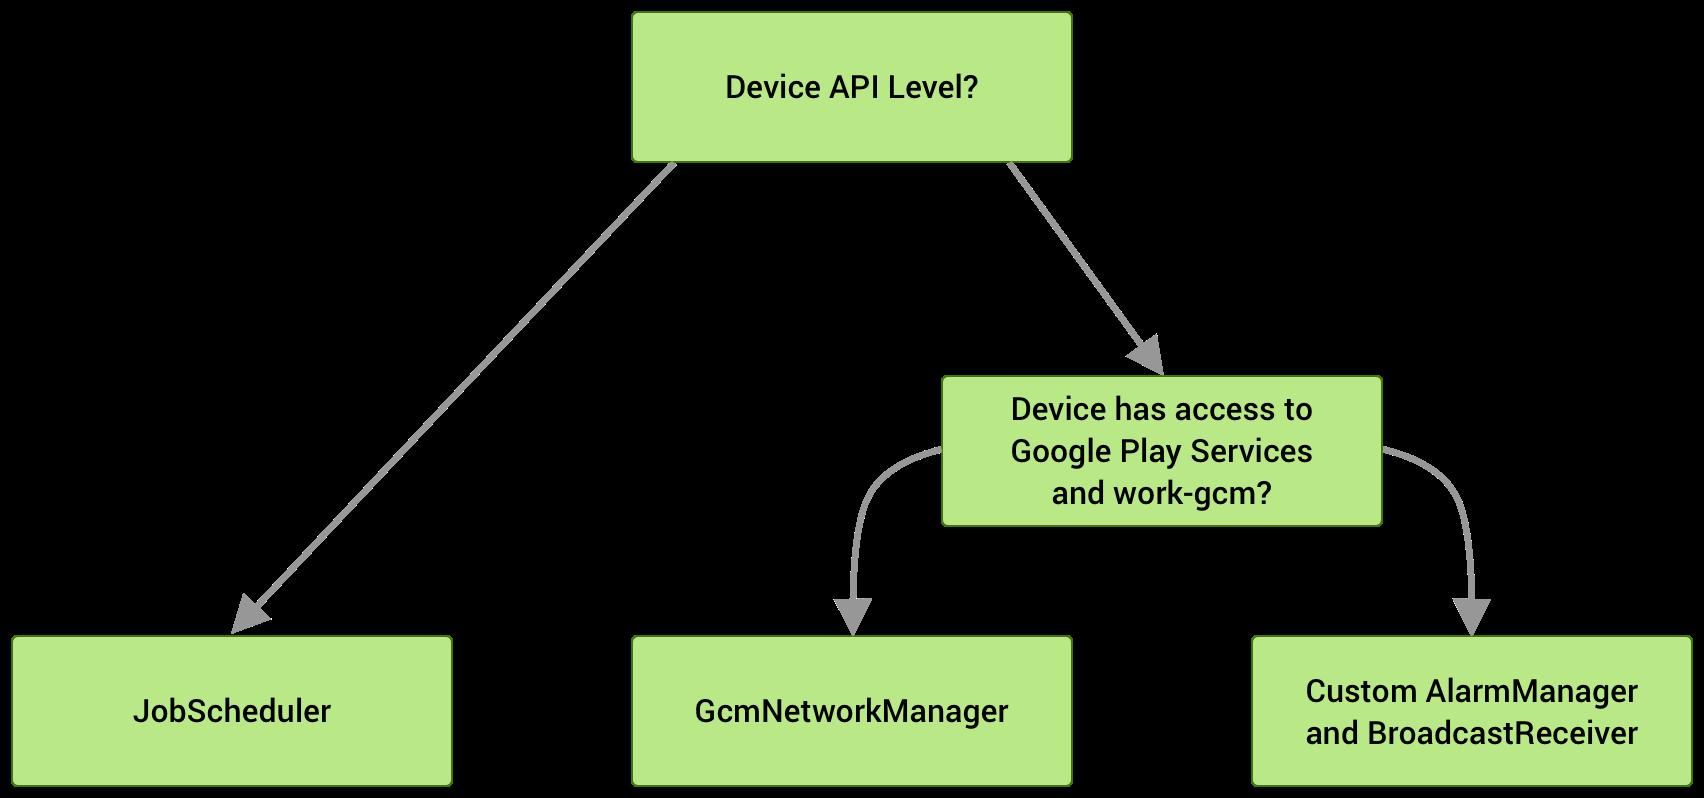 デバイスが API レベル 23 以上で動作している場合、JobScheduler が使用されます。API レベル 14~22 では、利用可能な場合は GcmNetworkManager が選択されます。それ以外の場合は、カスタムの AlarmManager と BroadcastRecever の実装がフォールバックとして使用されます。